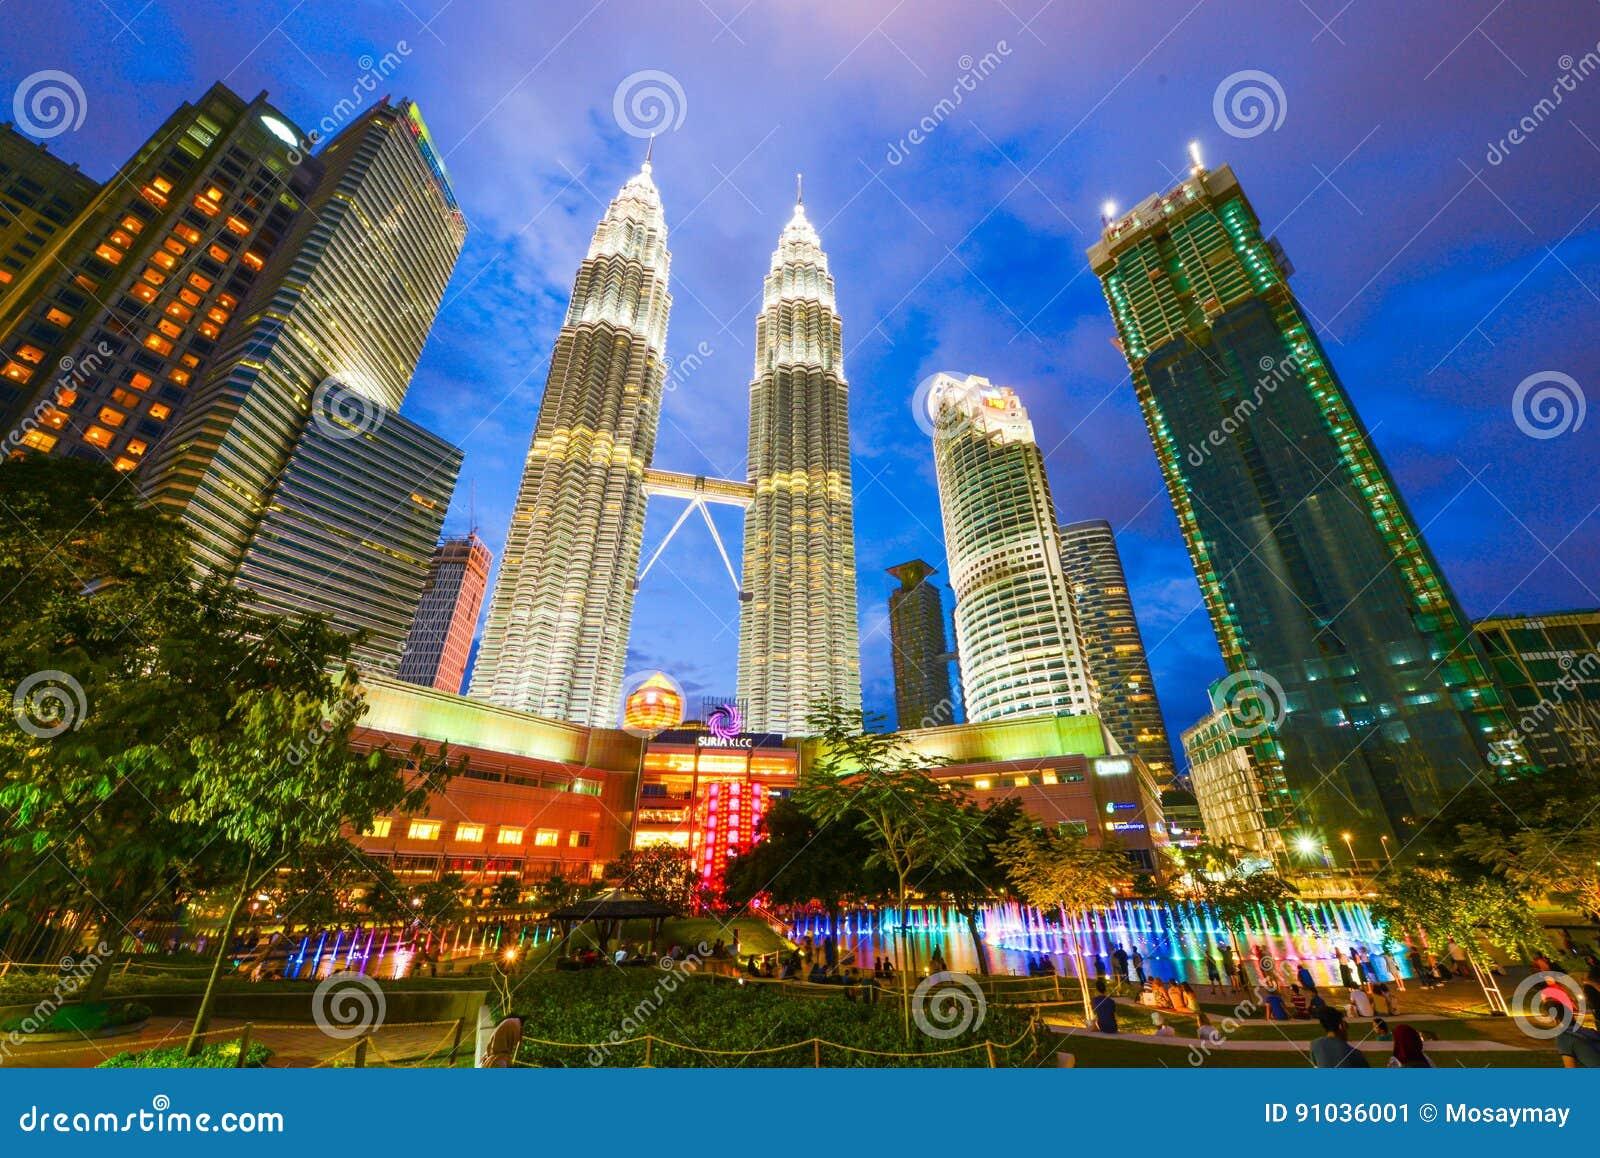 Malaysia 12 febuary 2017 petronas tower symbol of kuala lum malaysia 12 febuary 2017 petronas tower symbol of kuala lum tourist luxury editorial stock photo buycottarizona Gallery